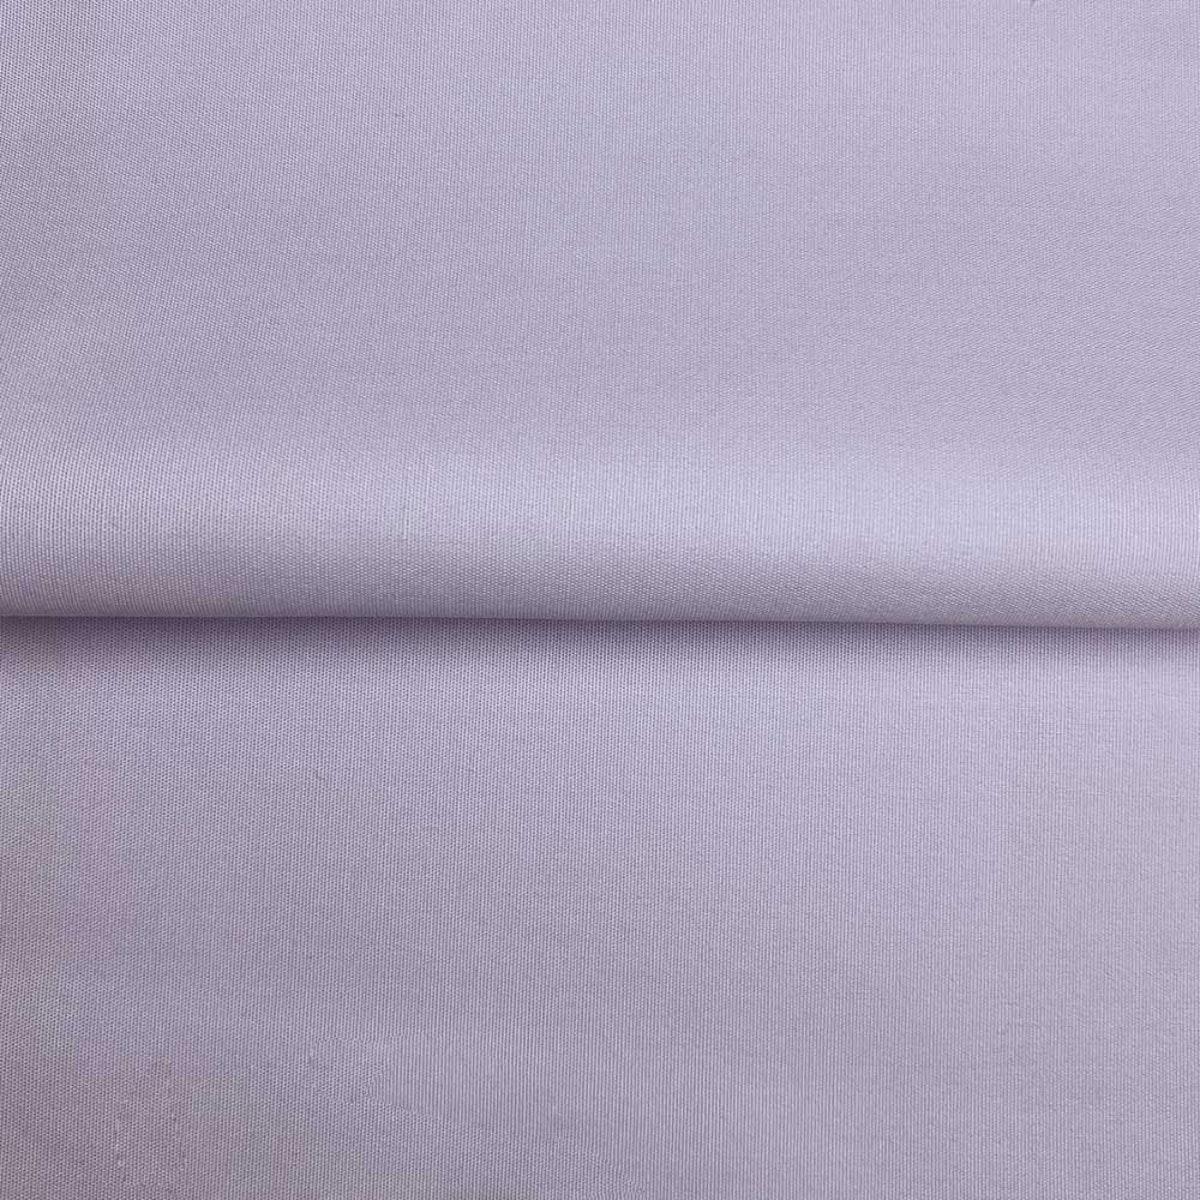 InStitchu Shirt Fabric 88